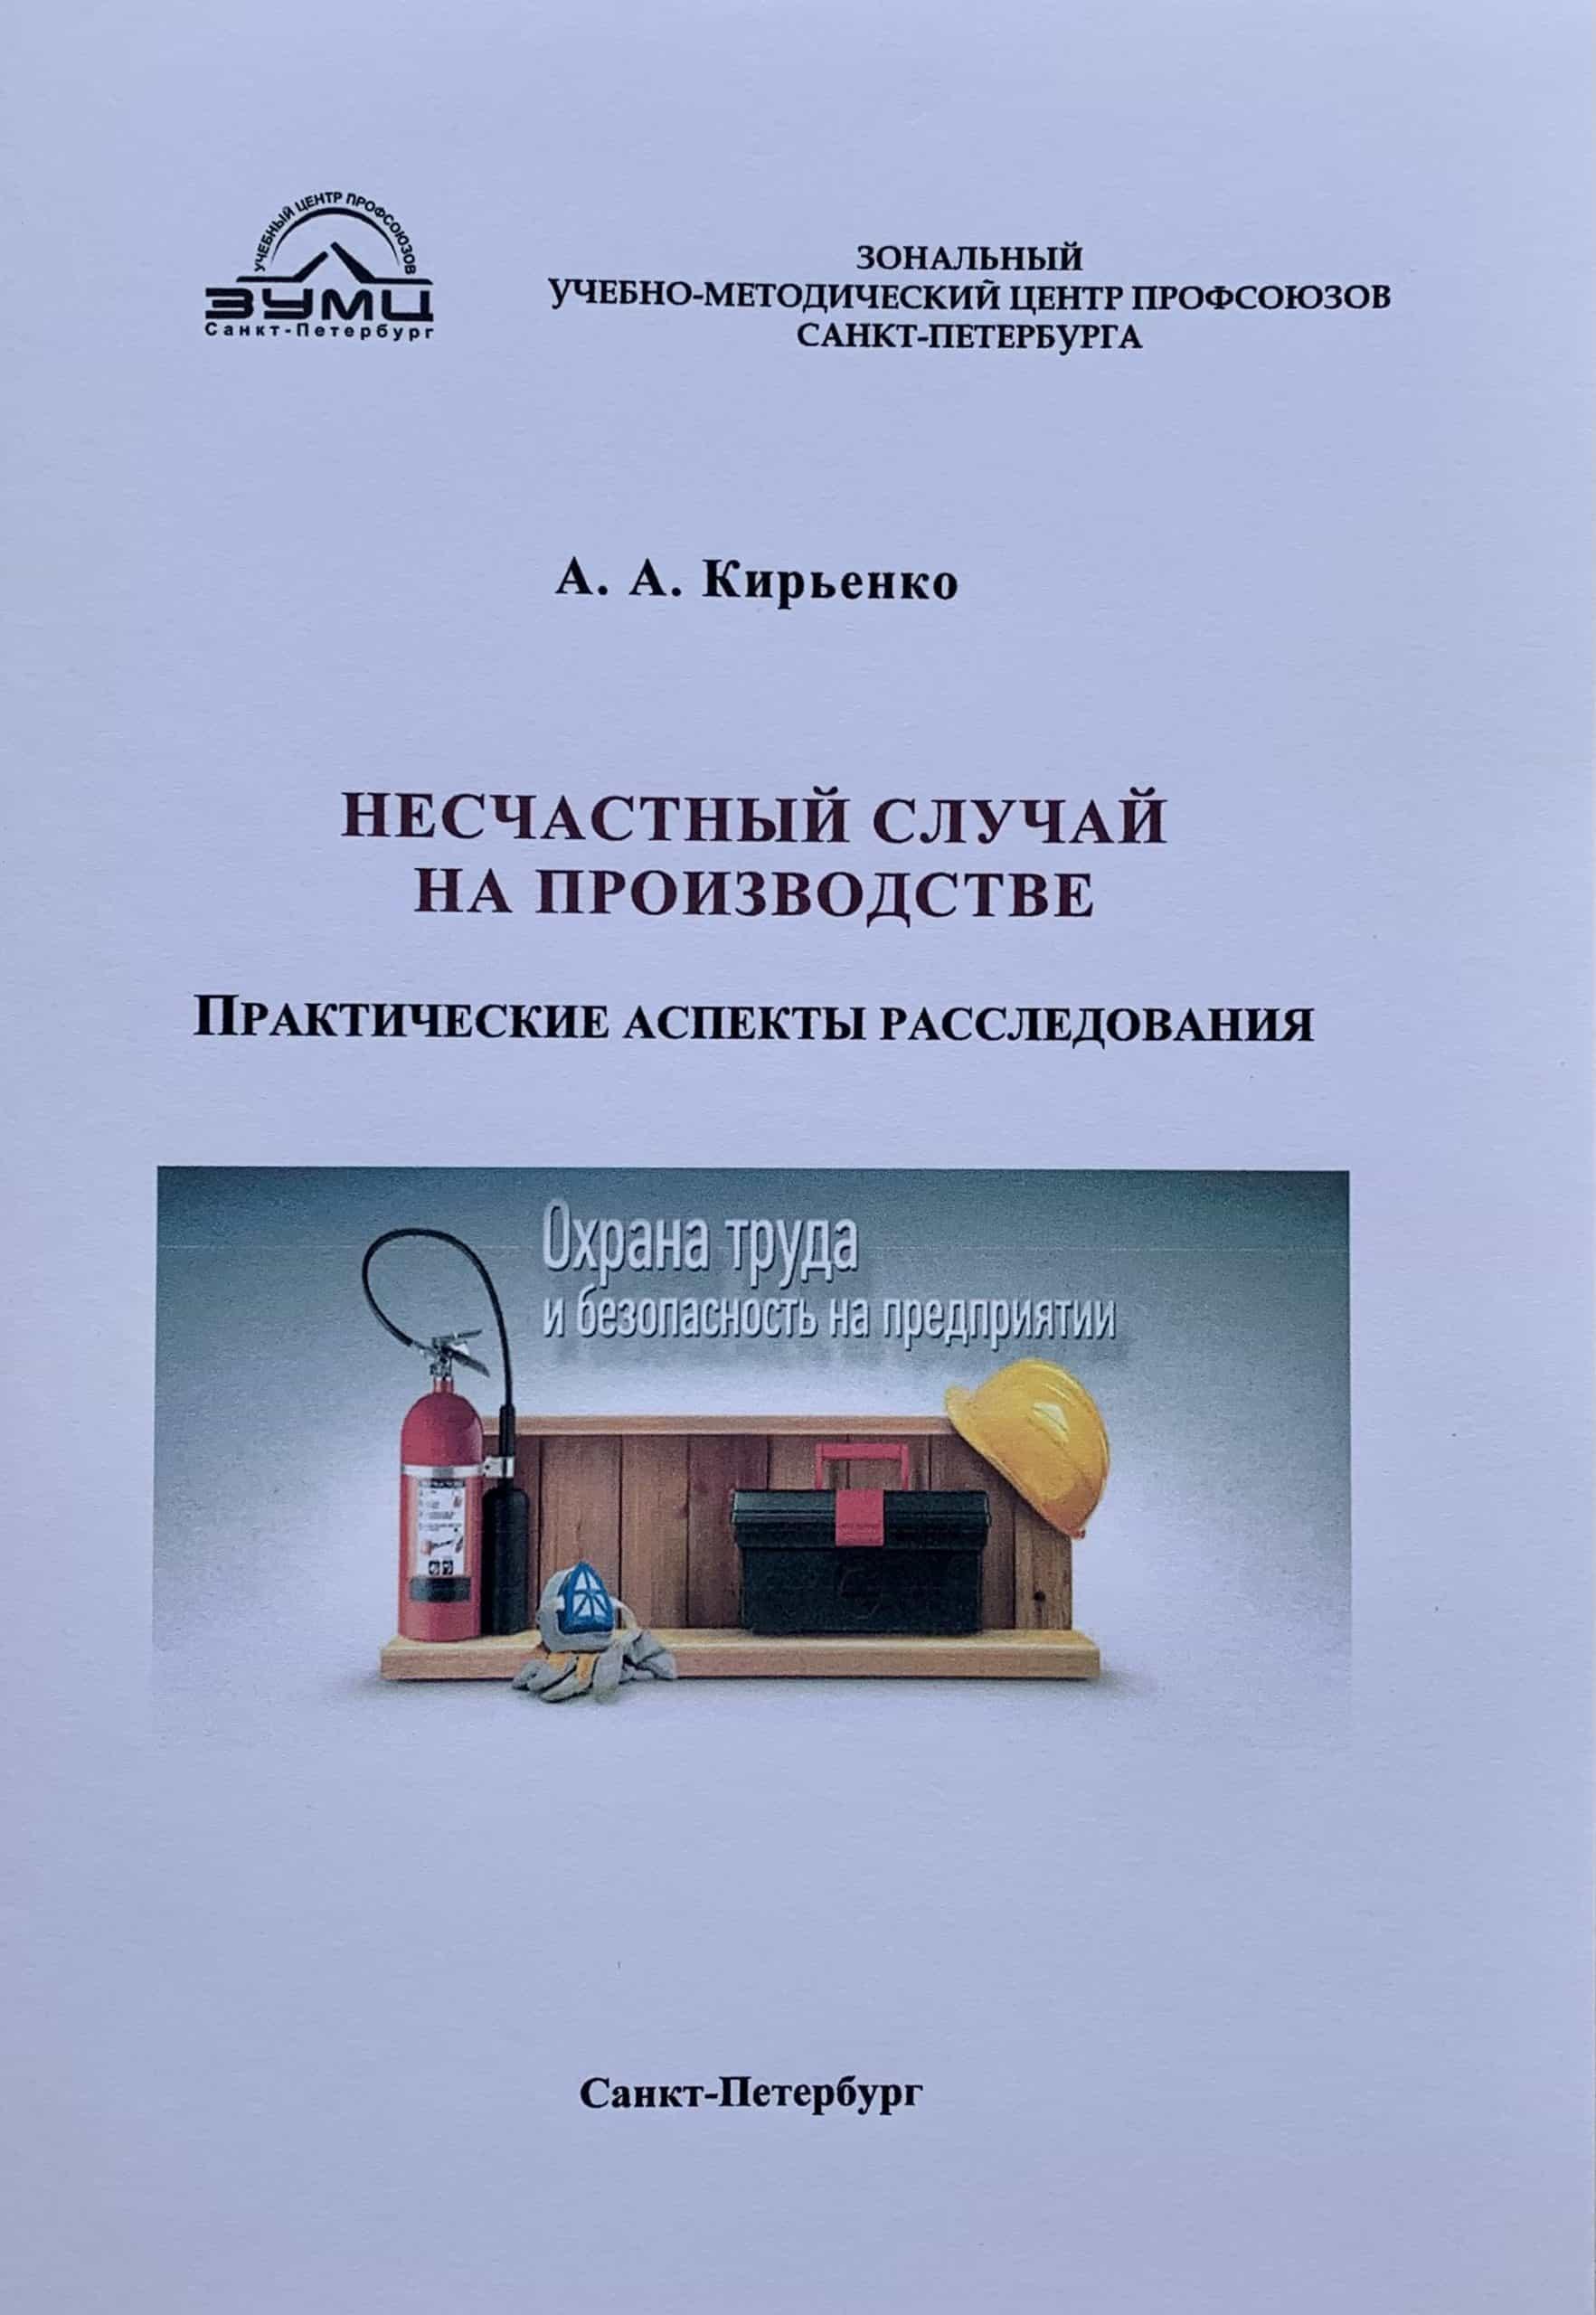 А. А. Кирьенко